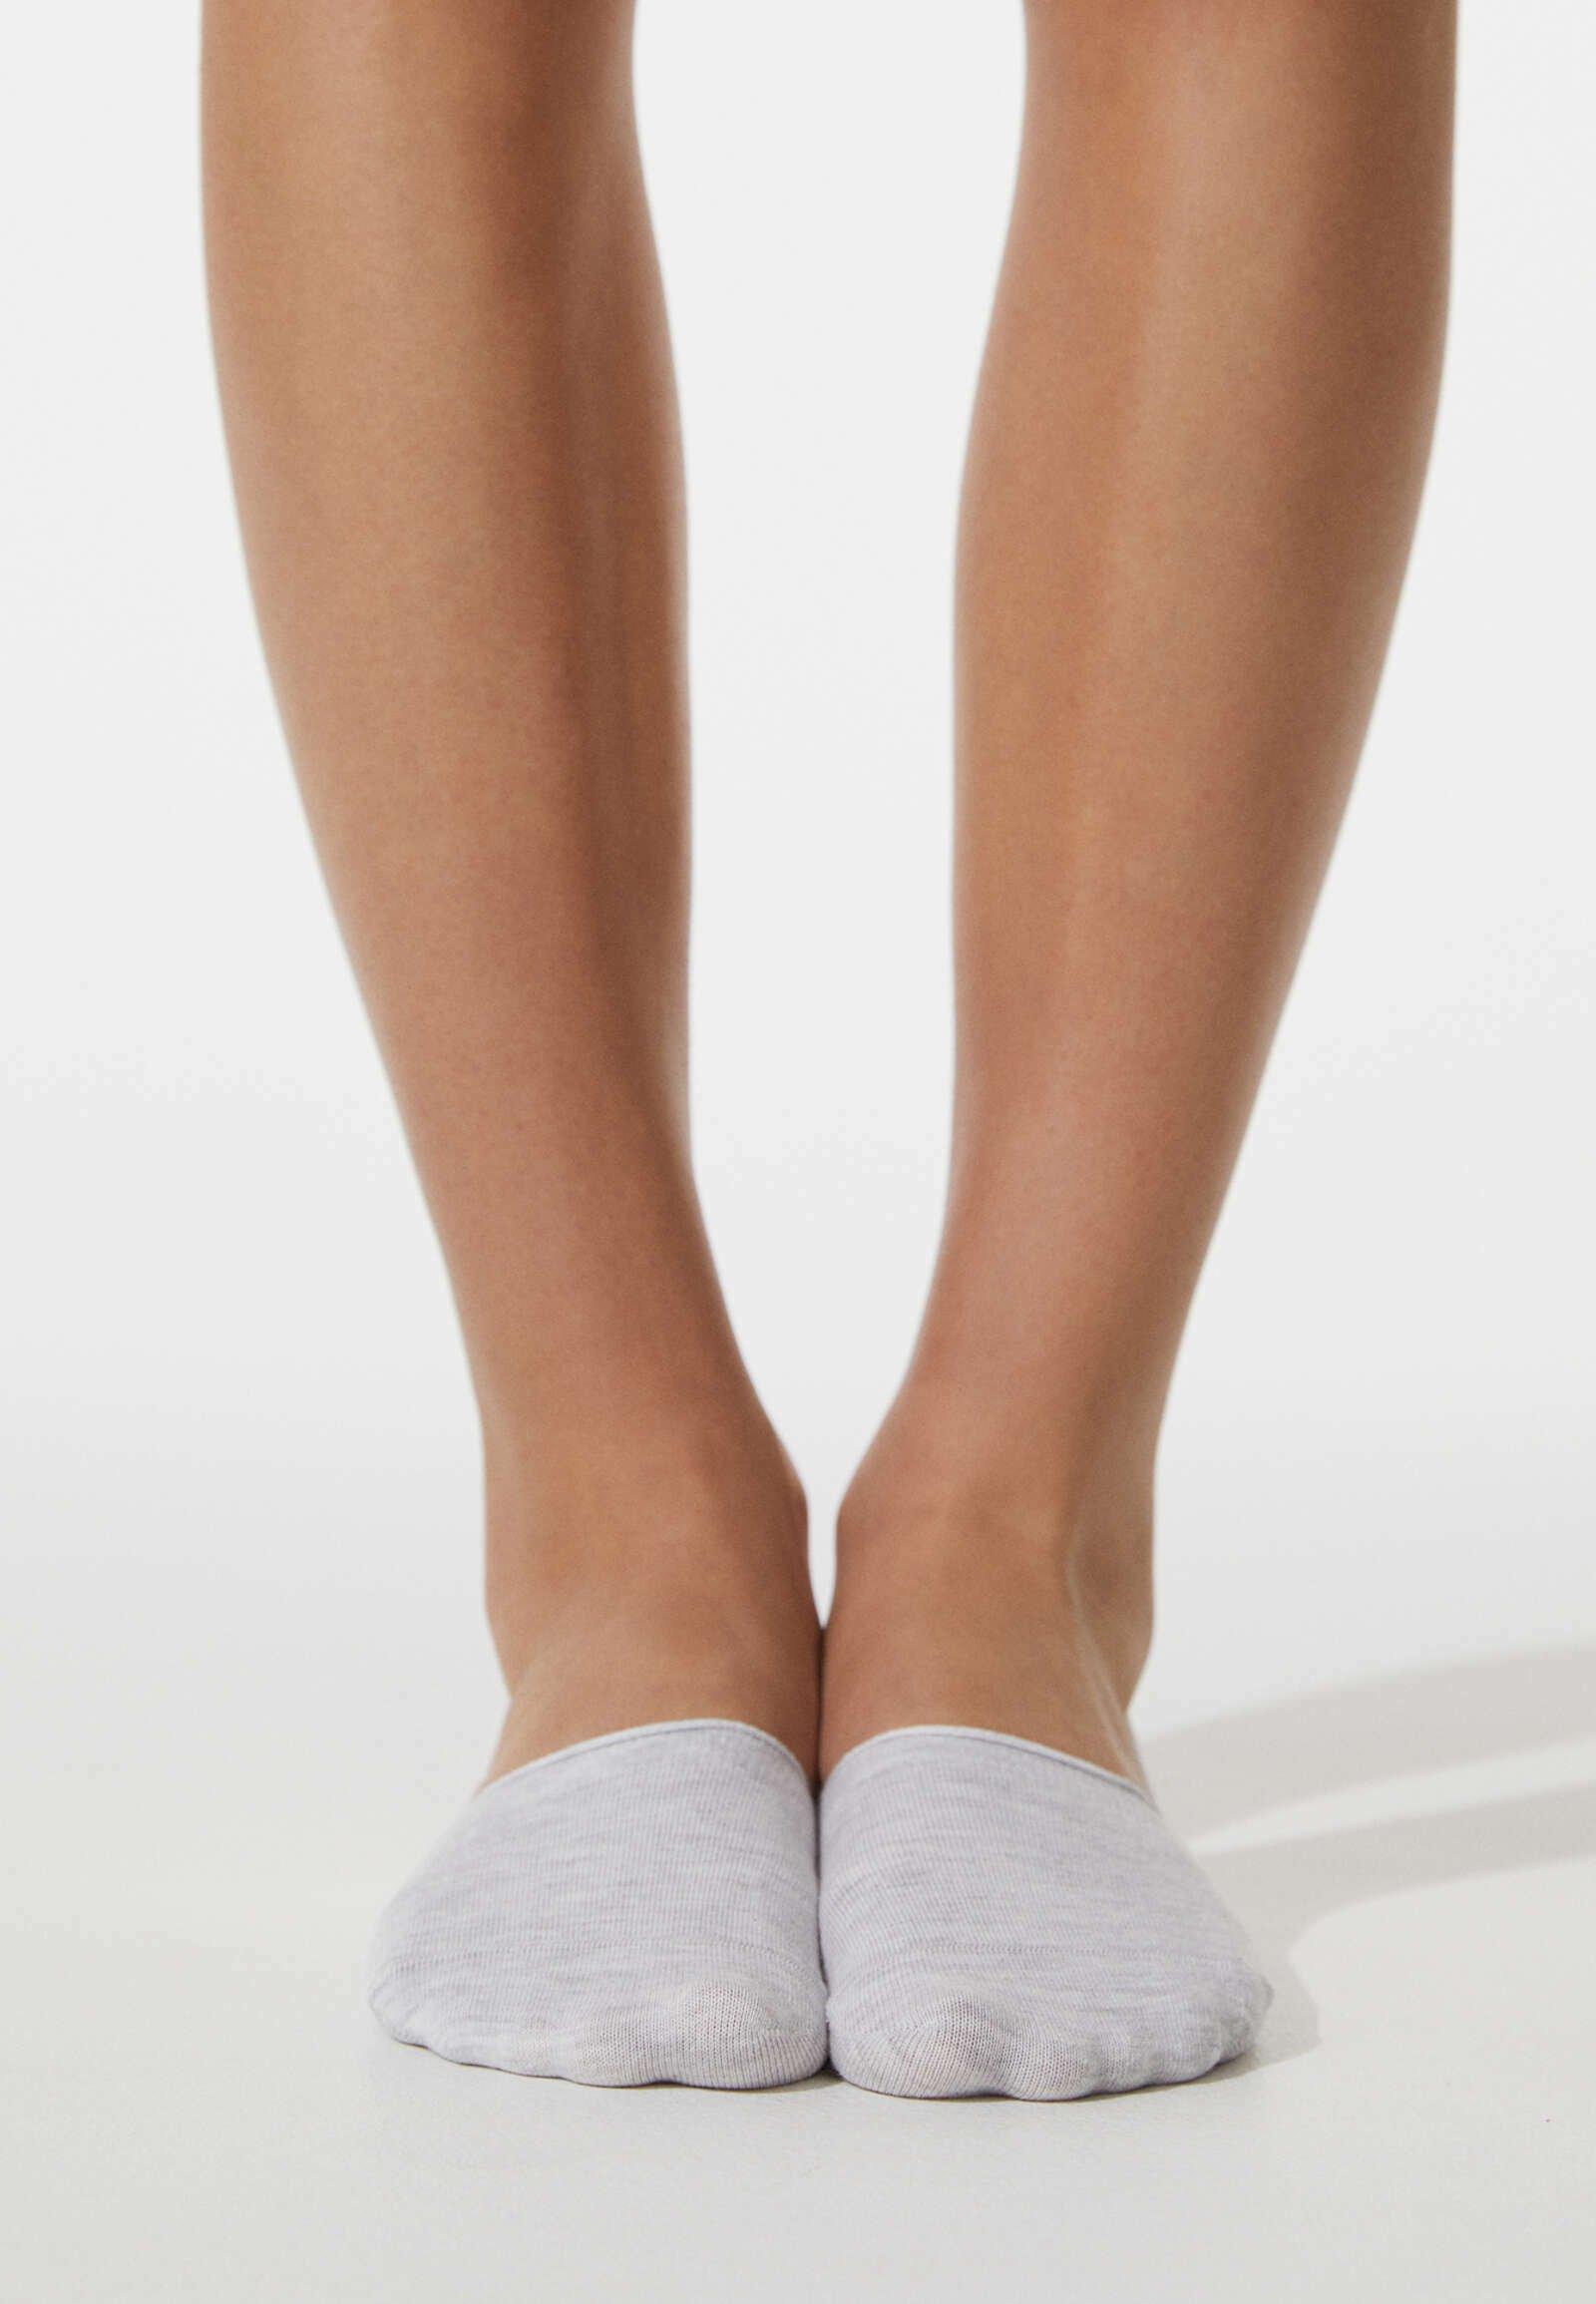 Femme 2 PAIRS - Socquettes